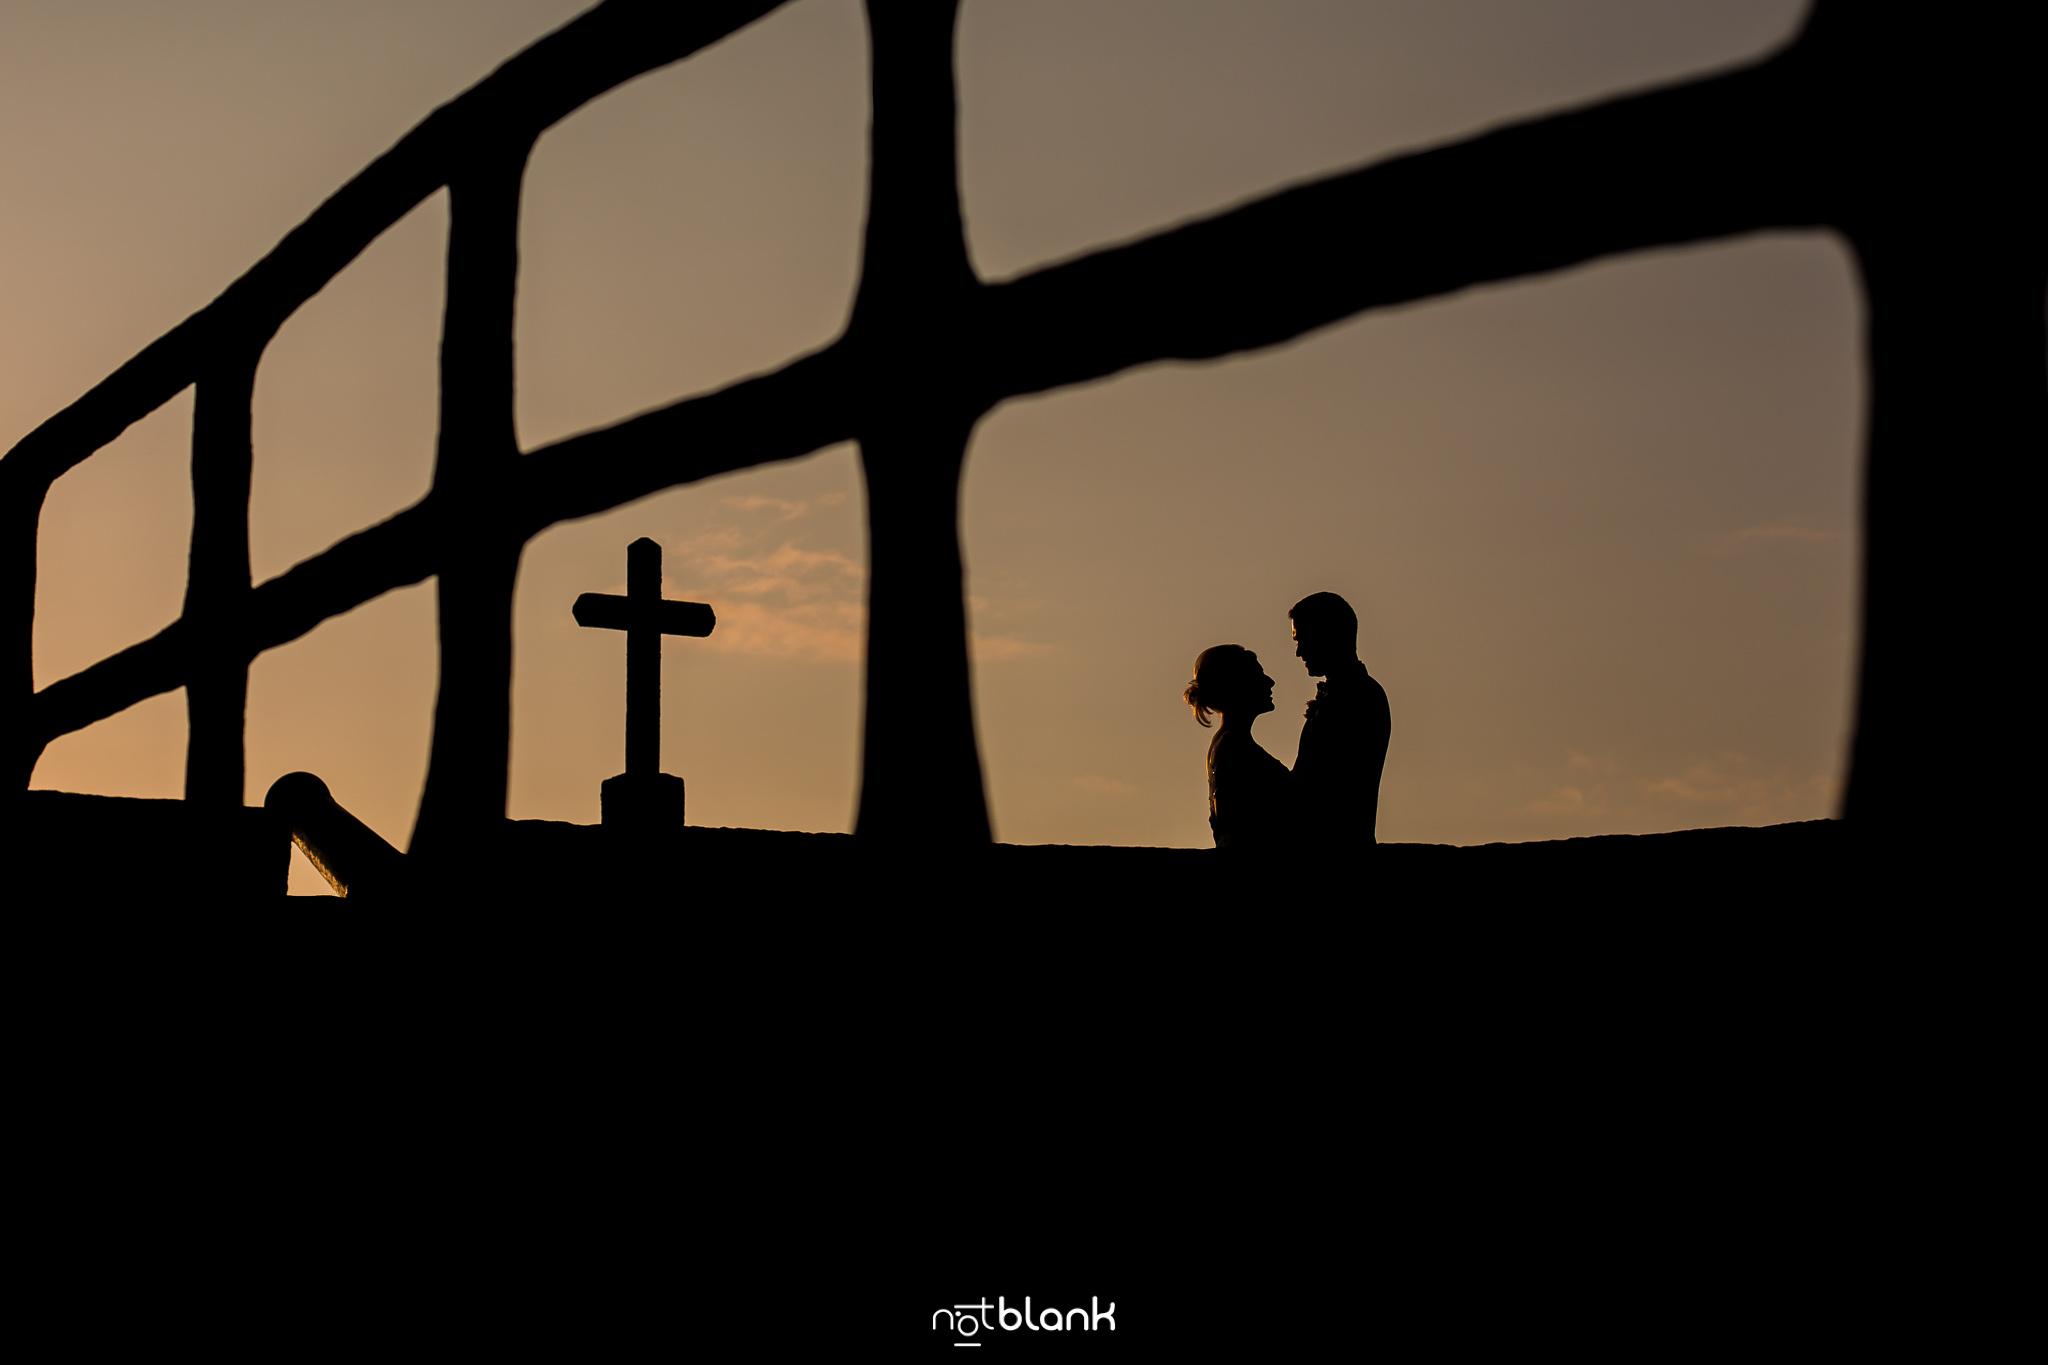 notblank-boda-Fotógrafos-de-boda-Parador Baiona-Bayona-Silueta-Atardecer-Pareja-Novios-Sesión Fotográfica